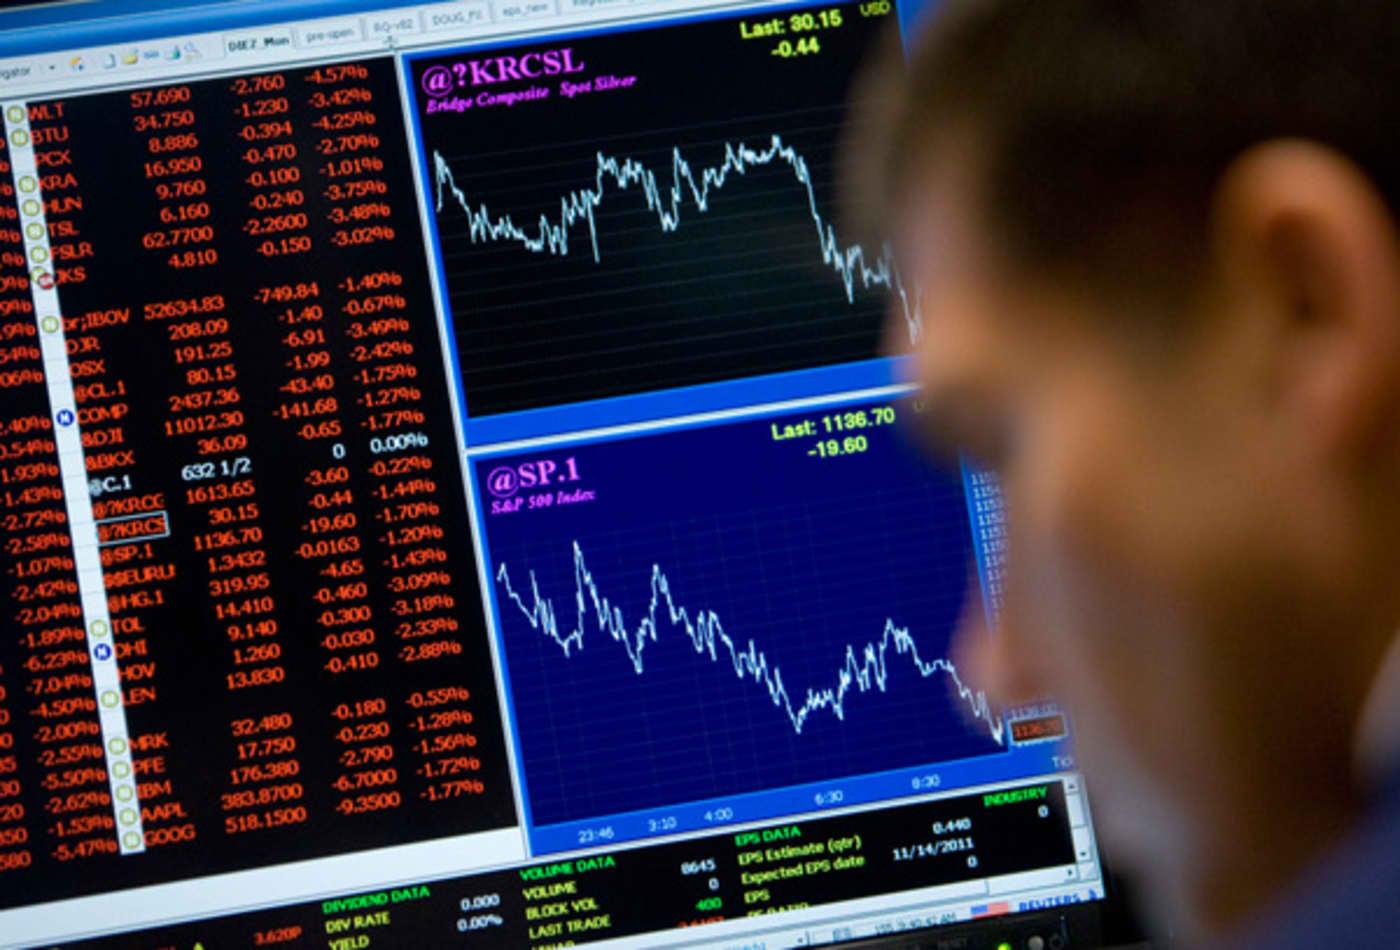 week-in-review-041312-trading-vlume-4yr-low.jpg